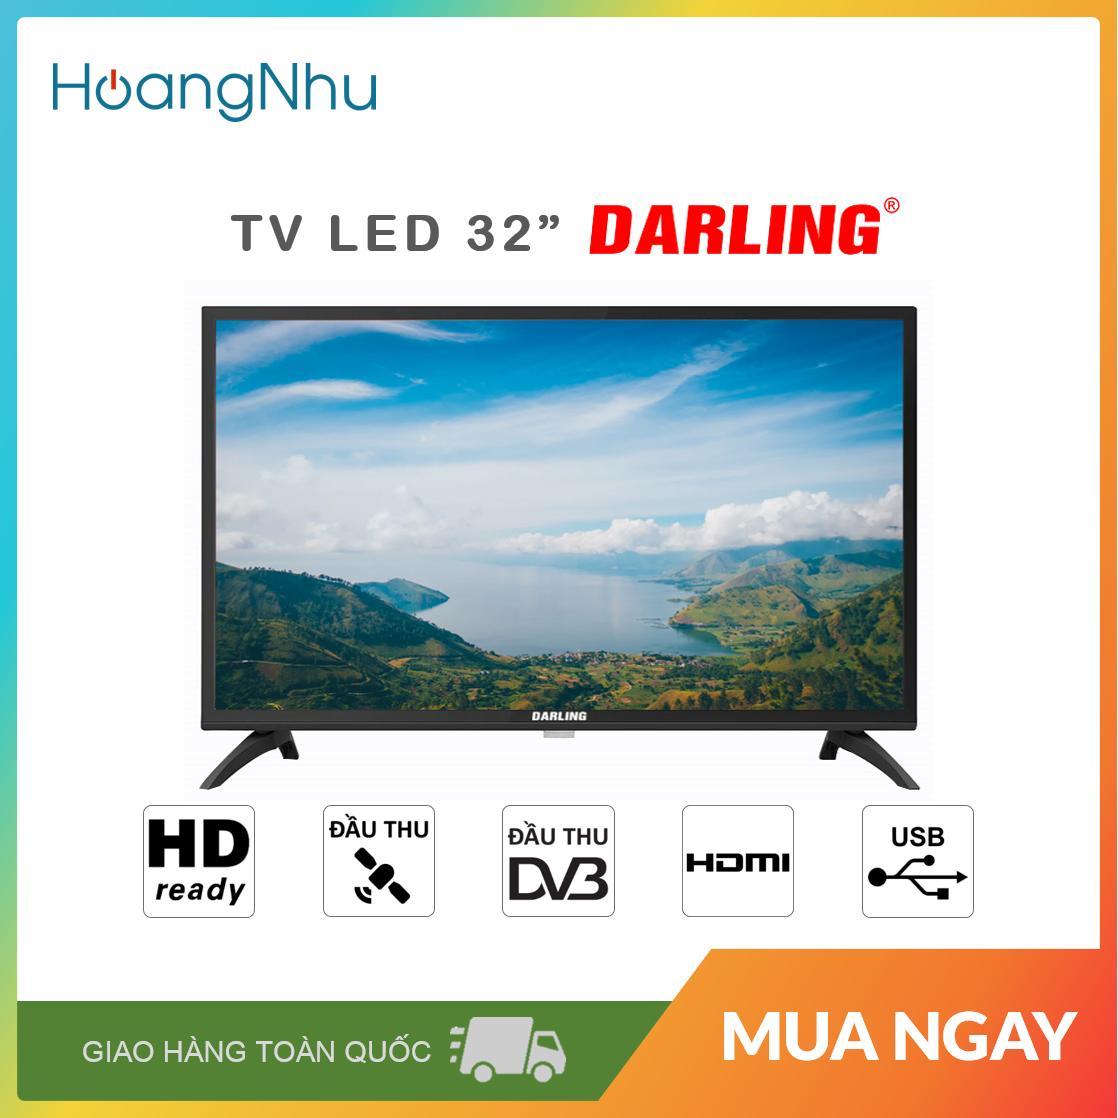 Bảng giá TV LED Darling 32 inch Model 32HD962S2 (HD Ready, Truyền hình KTS) - Bảo hành toàn quốc 2 năm